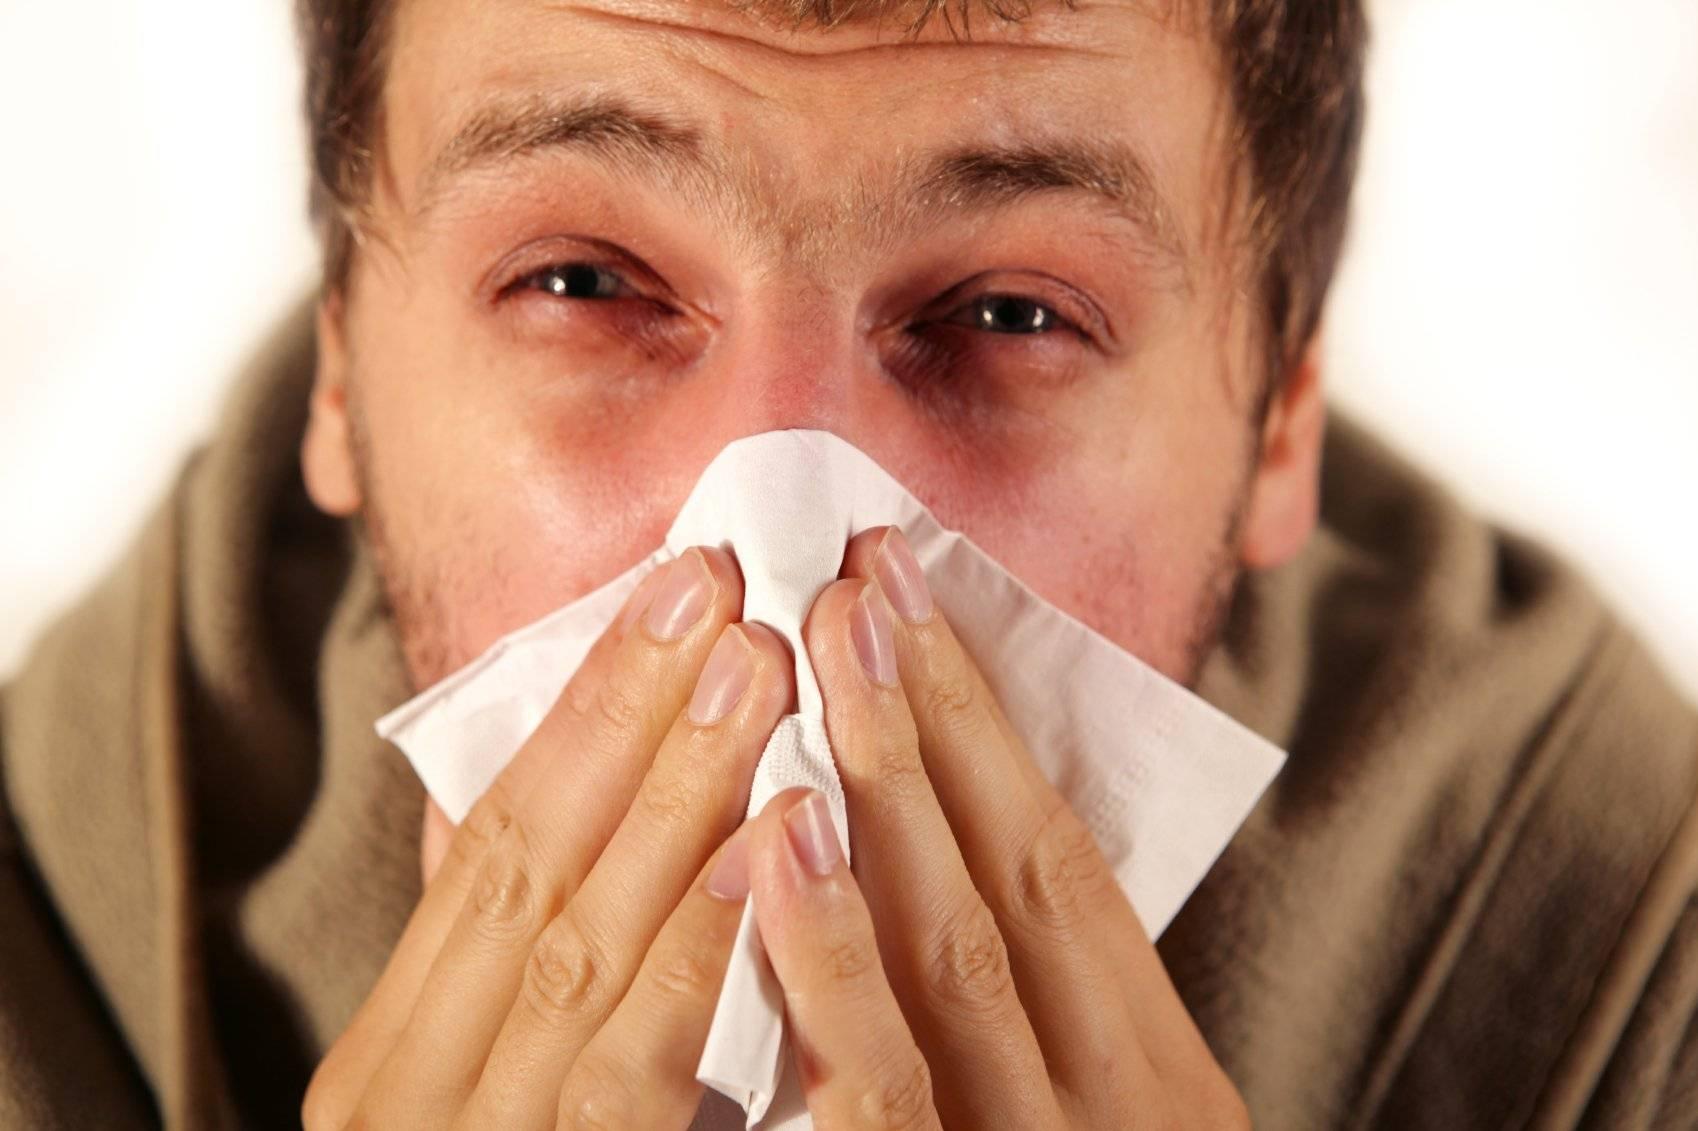 Болят глаза при простуде: причины, лечение oculistic.ru болят глаза при простуде: причины, лечение